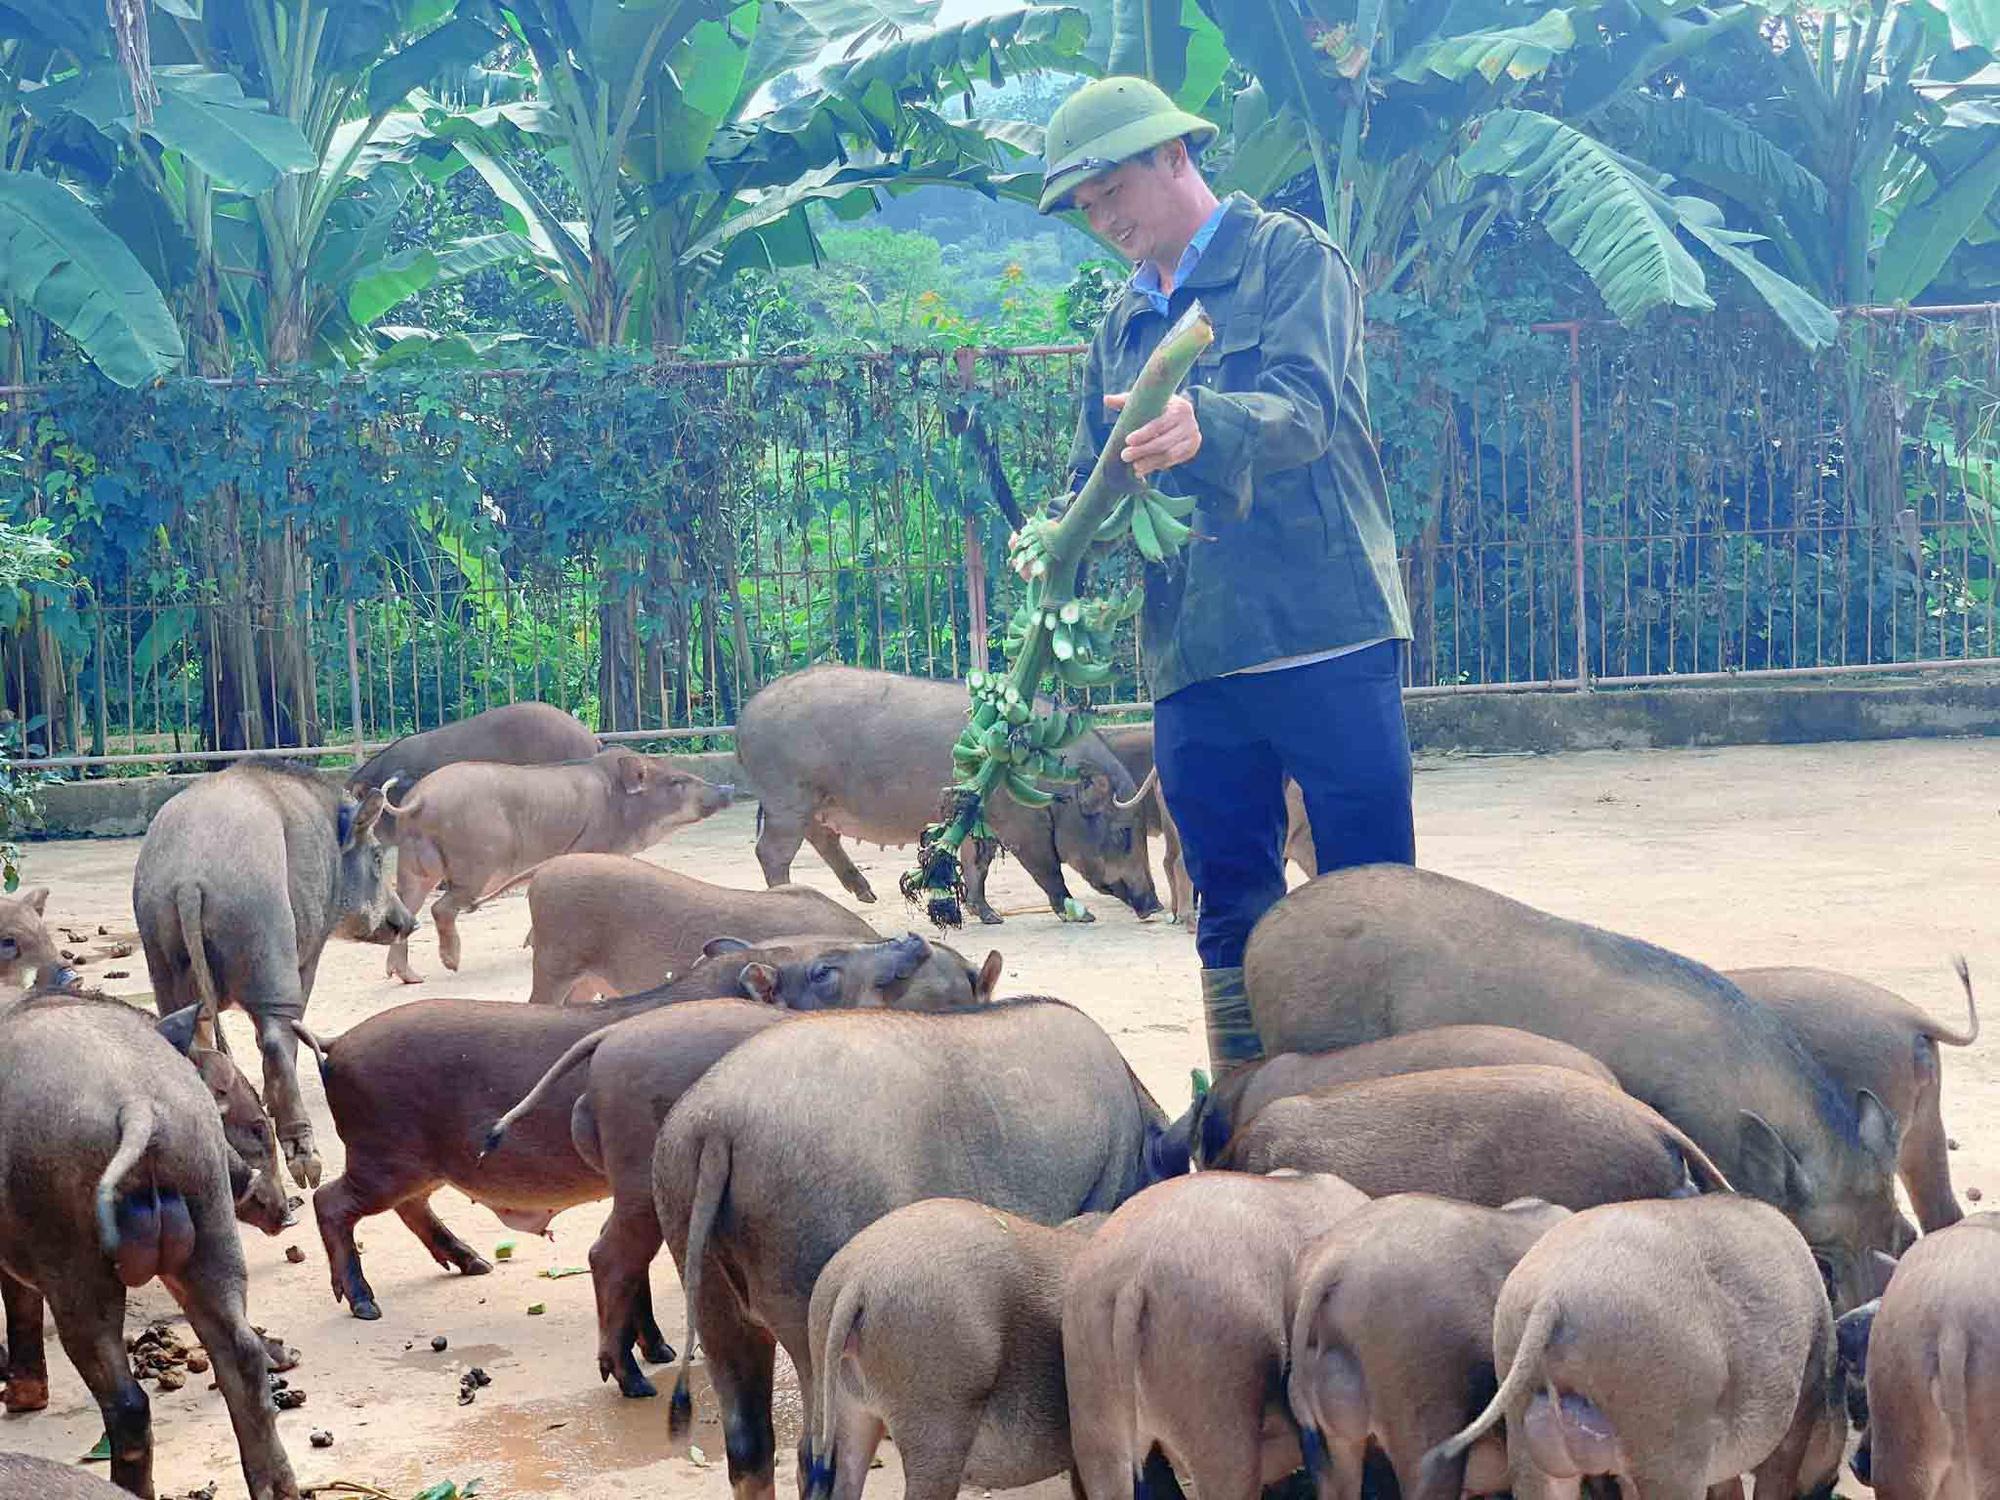 Đàn lợn rừng ăn dược liệu: Anh cán bộ xã thu tiền tỷ mỗi năm - Ảnh 1.